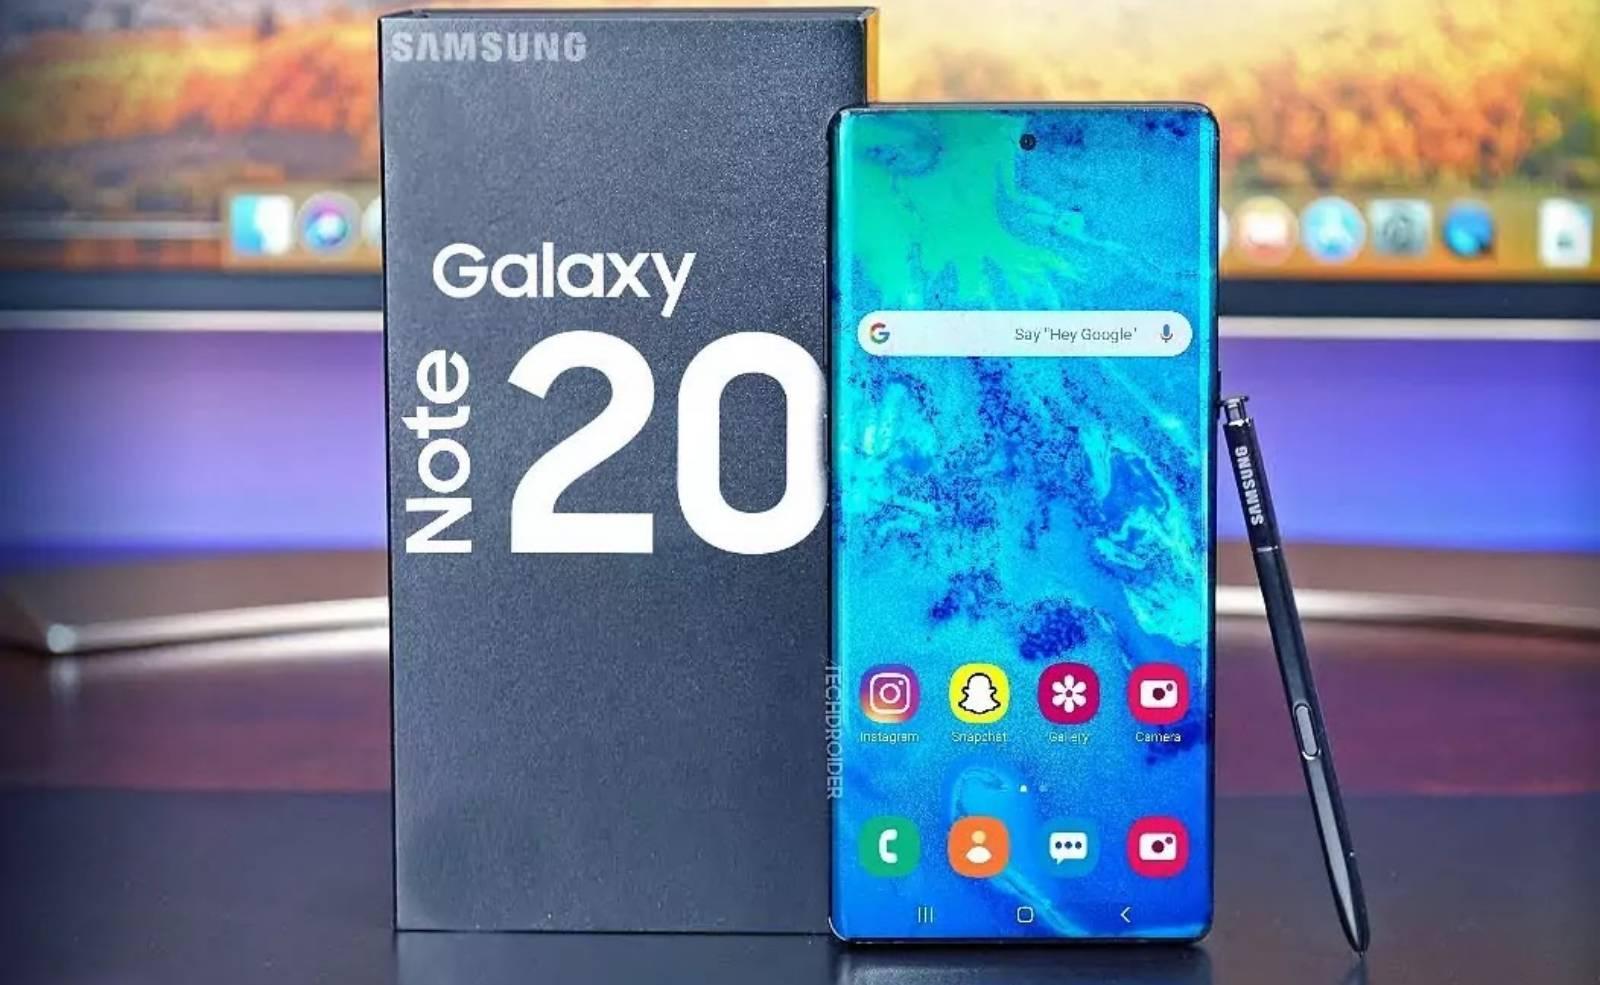 Samsung GALAXY Note 20 Ultra imbunatatire